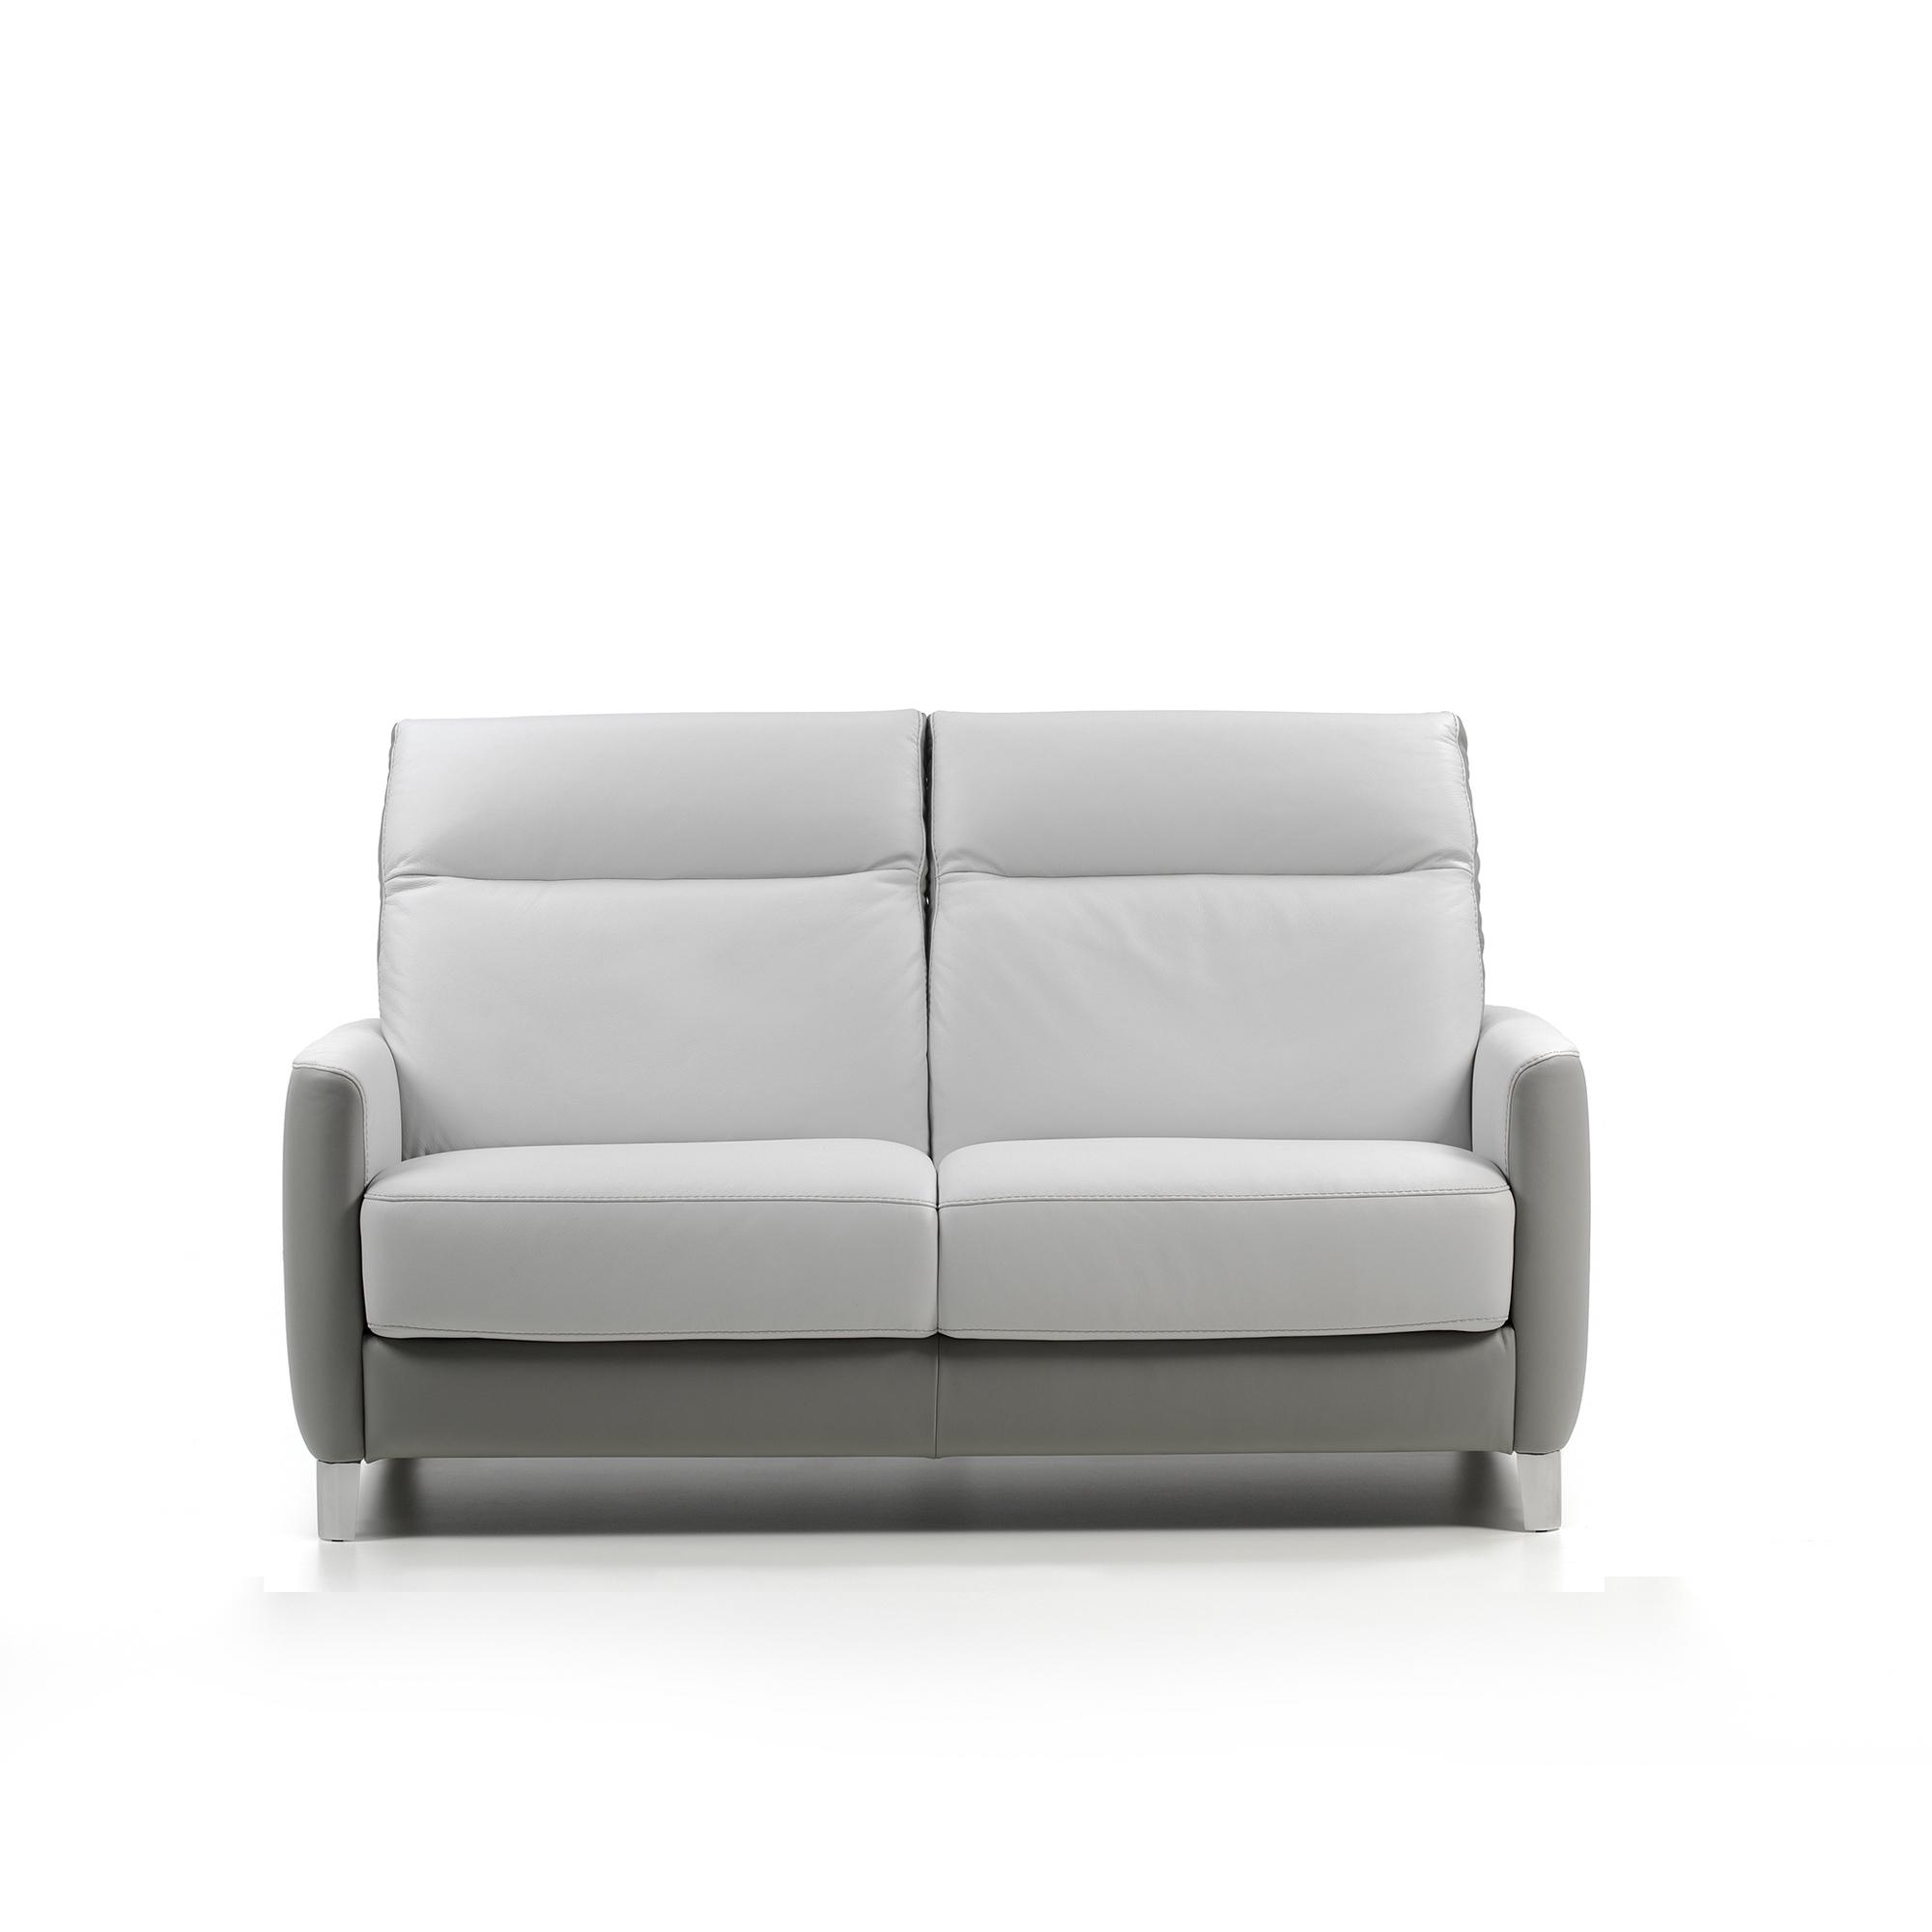 Rom Pacific Medium Sofa All Sofas Cookes Furniture